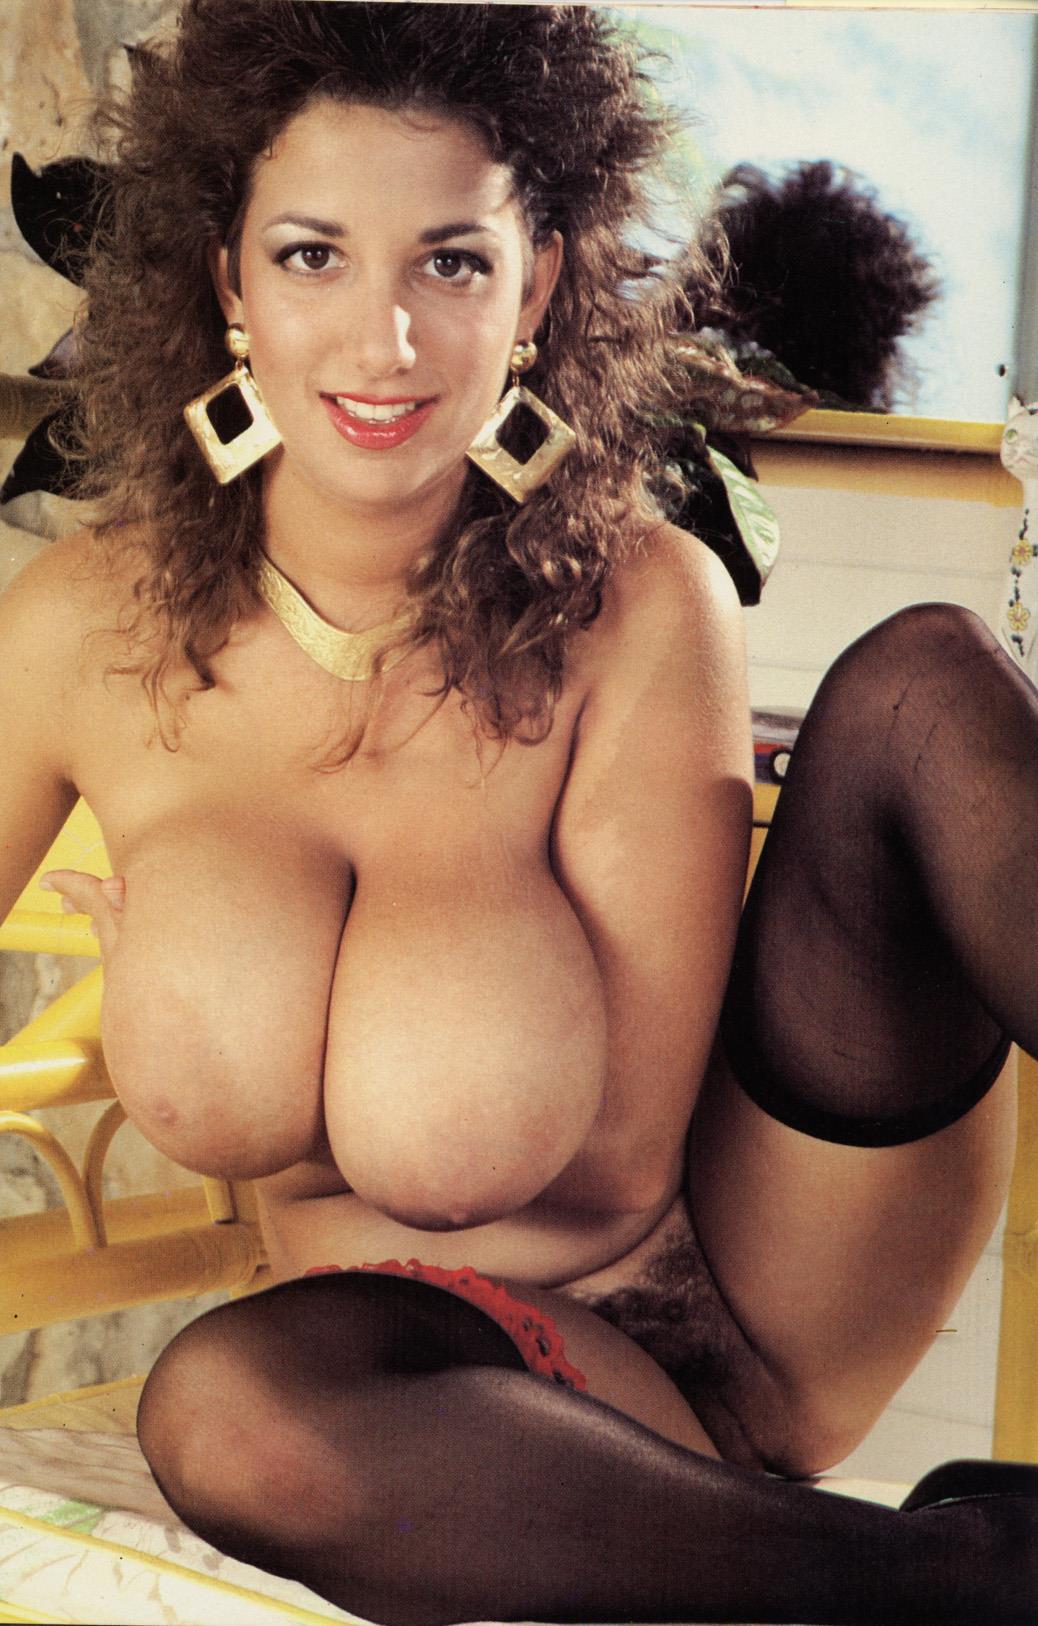 Claudia marie interracial